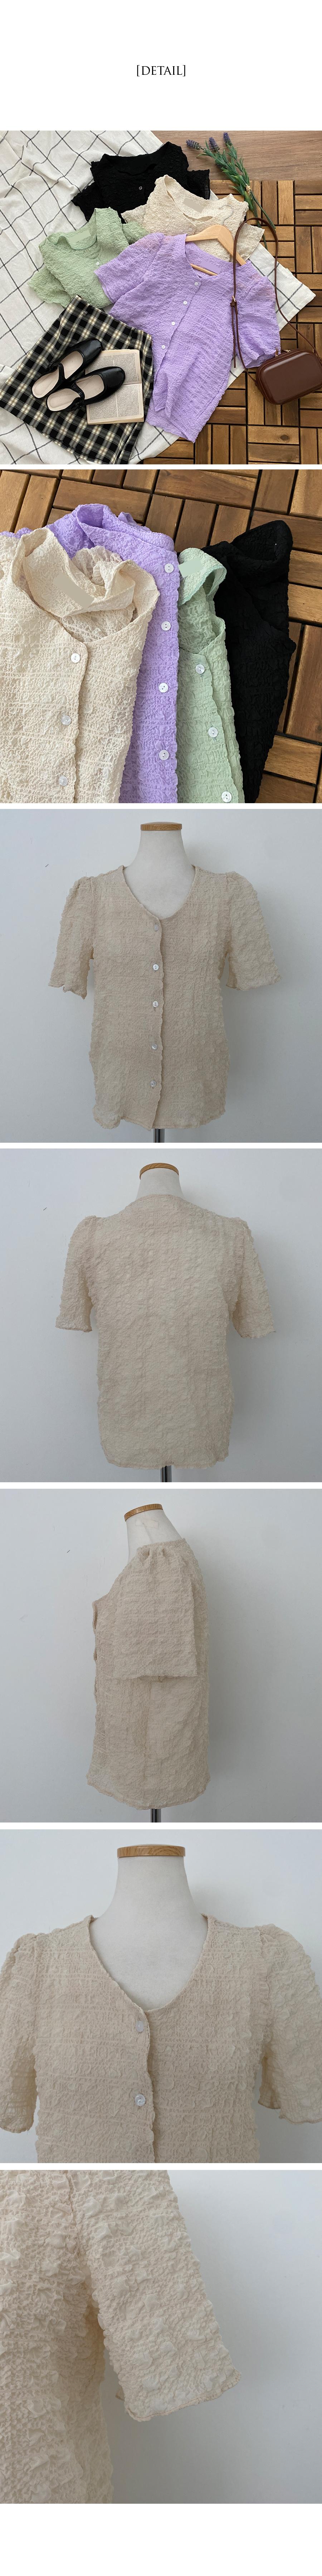 Mongeulmongle pleated short-sleeved blouse